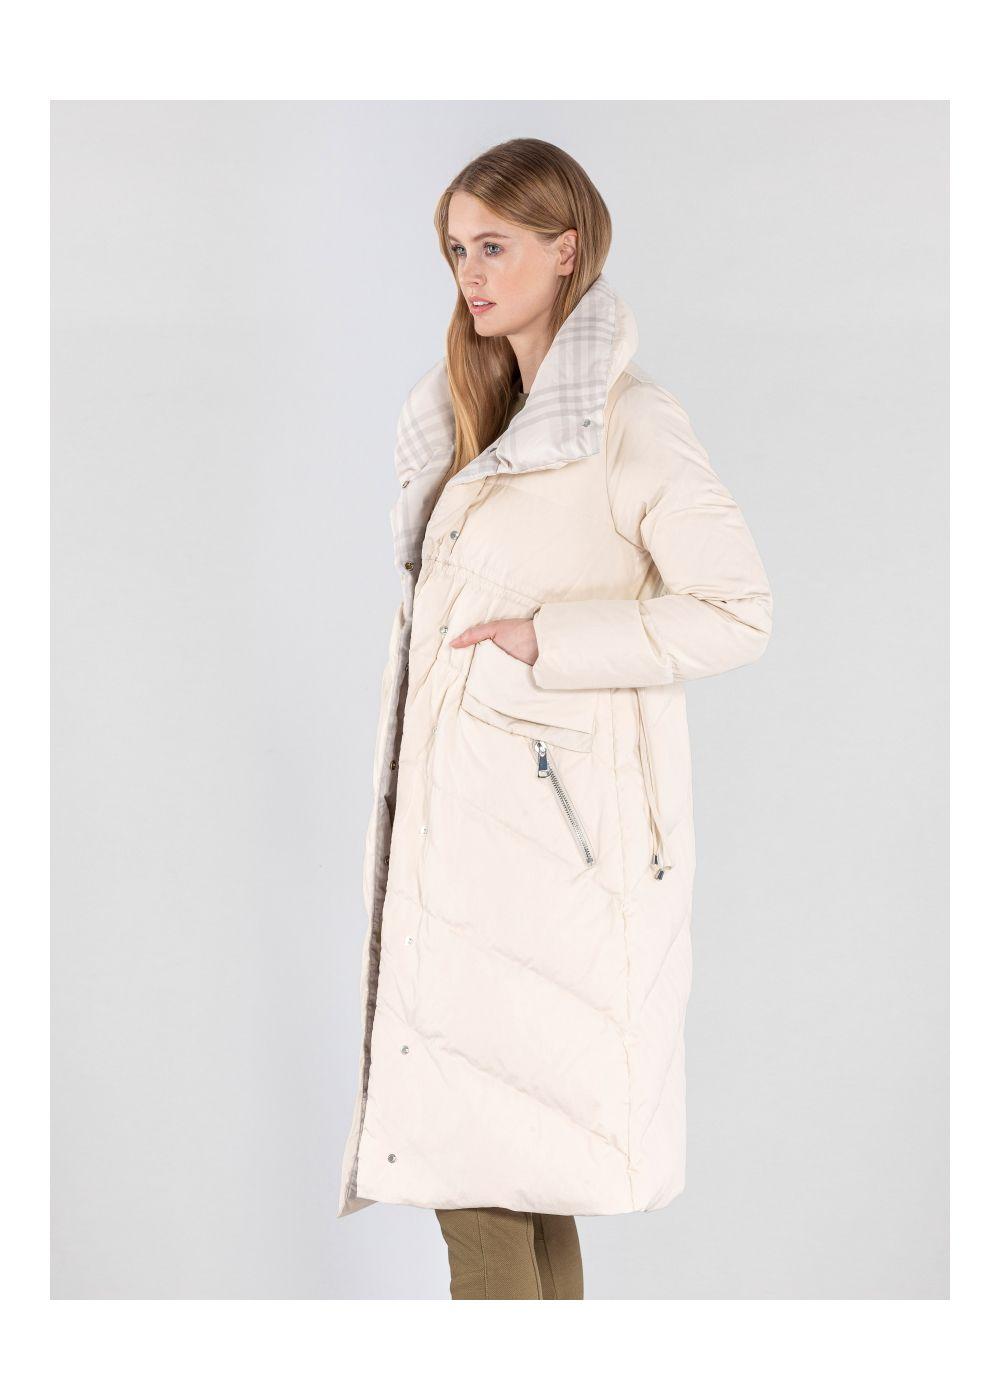 Długa beżowa kurtka damska z puchem KURDT-0275-81(Z20)